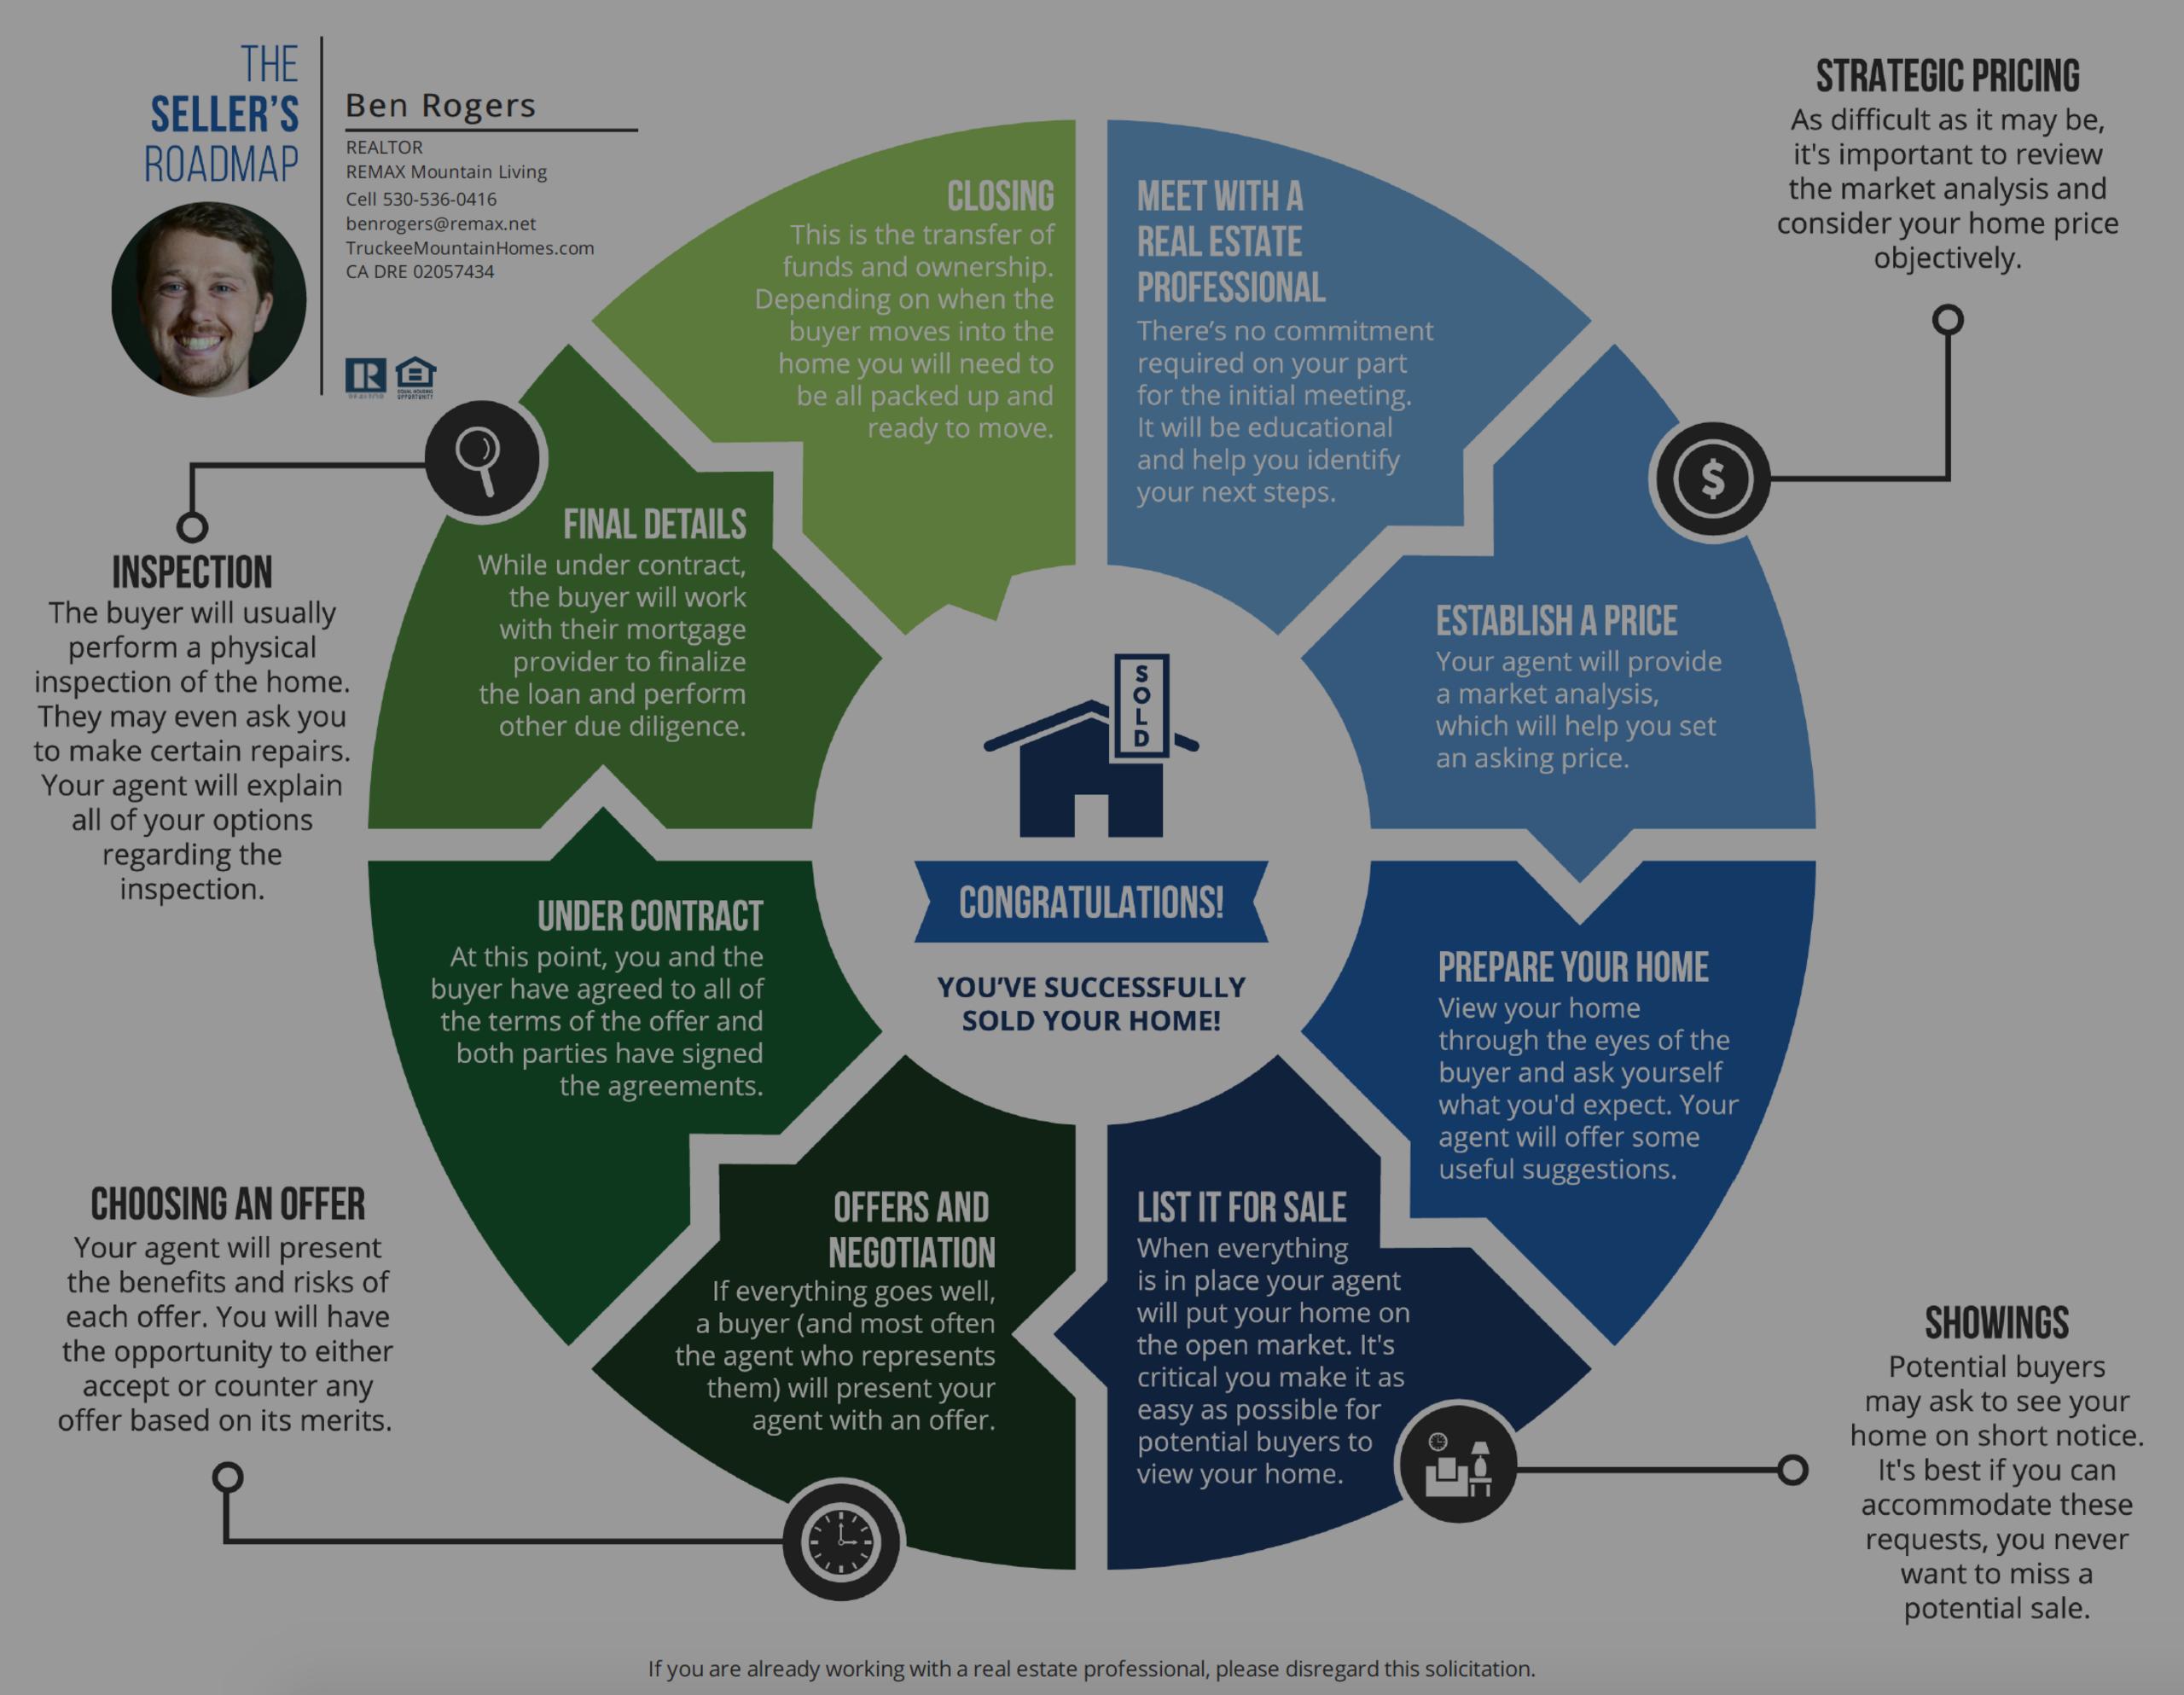 Seller's Roadmap